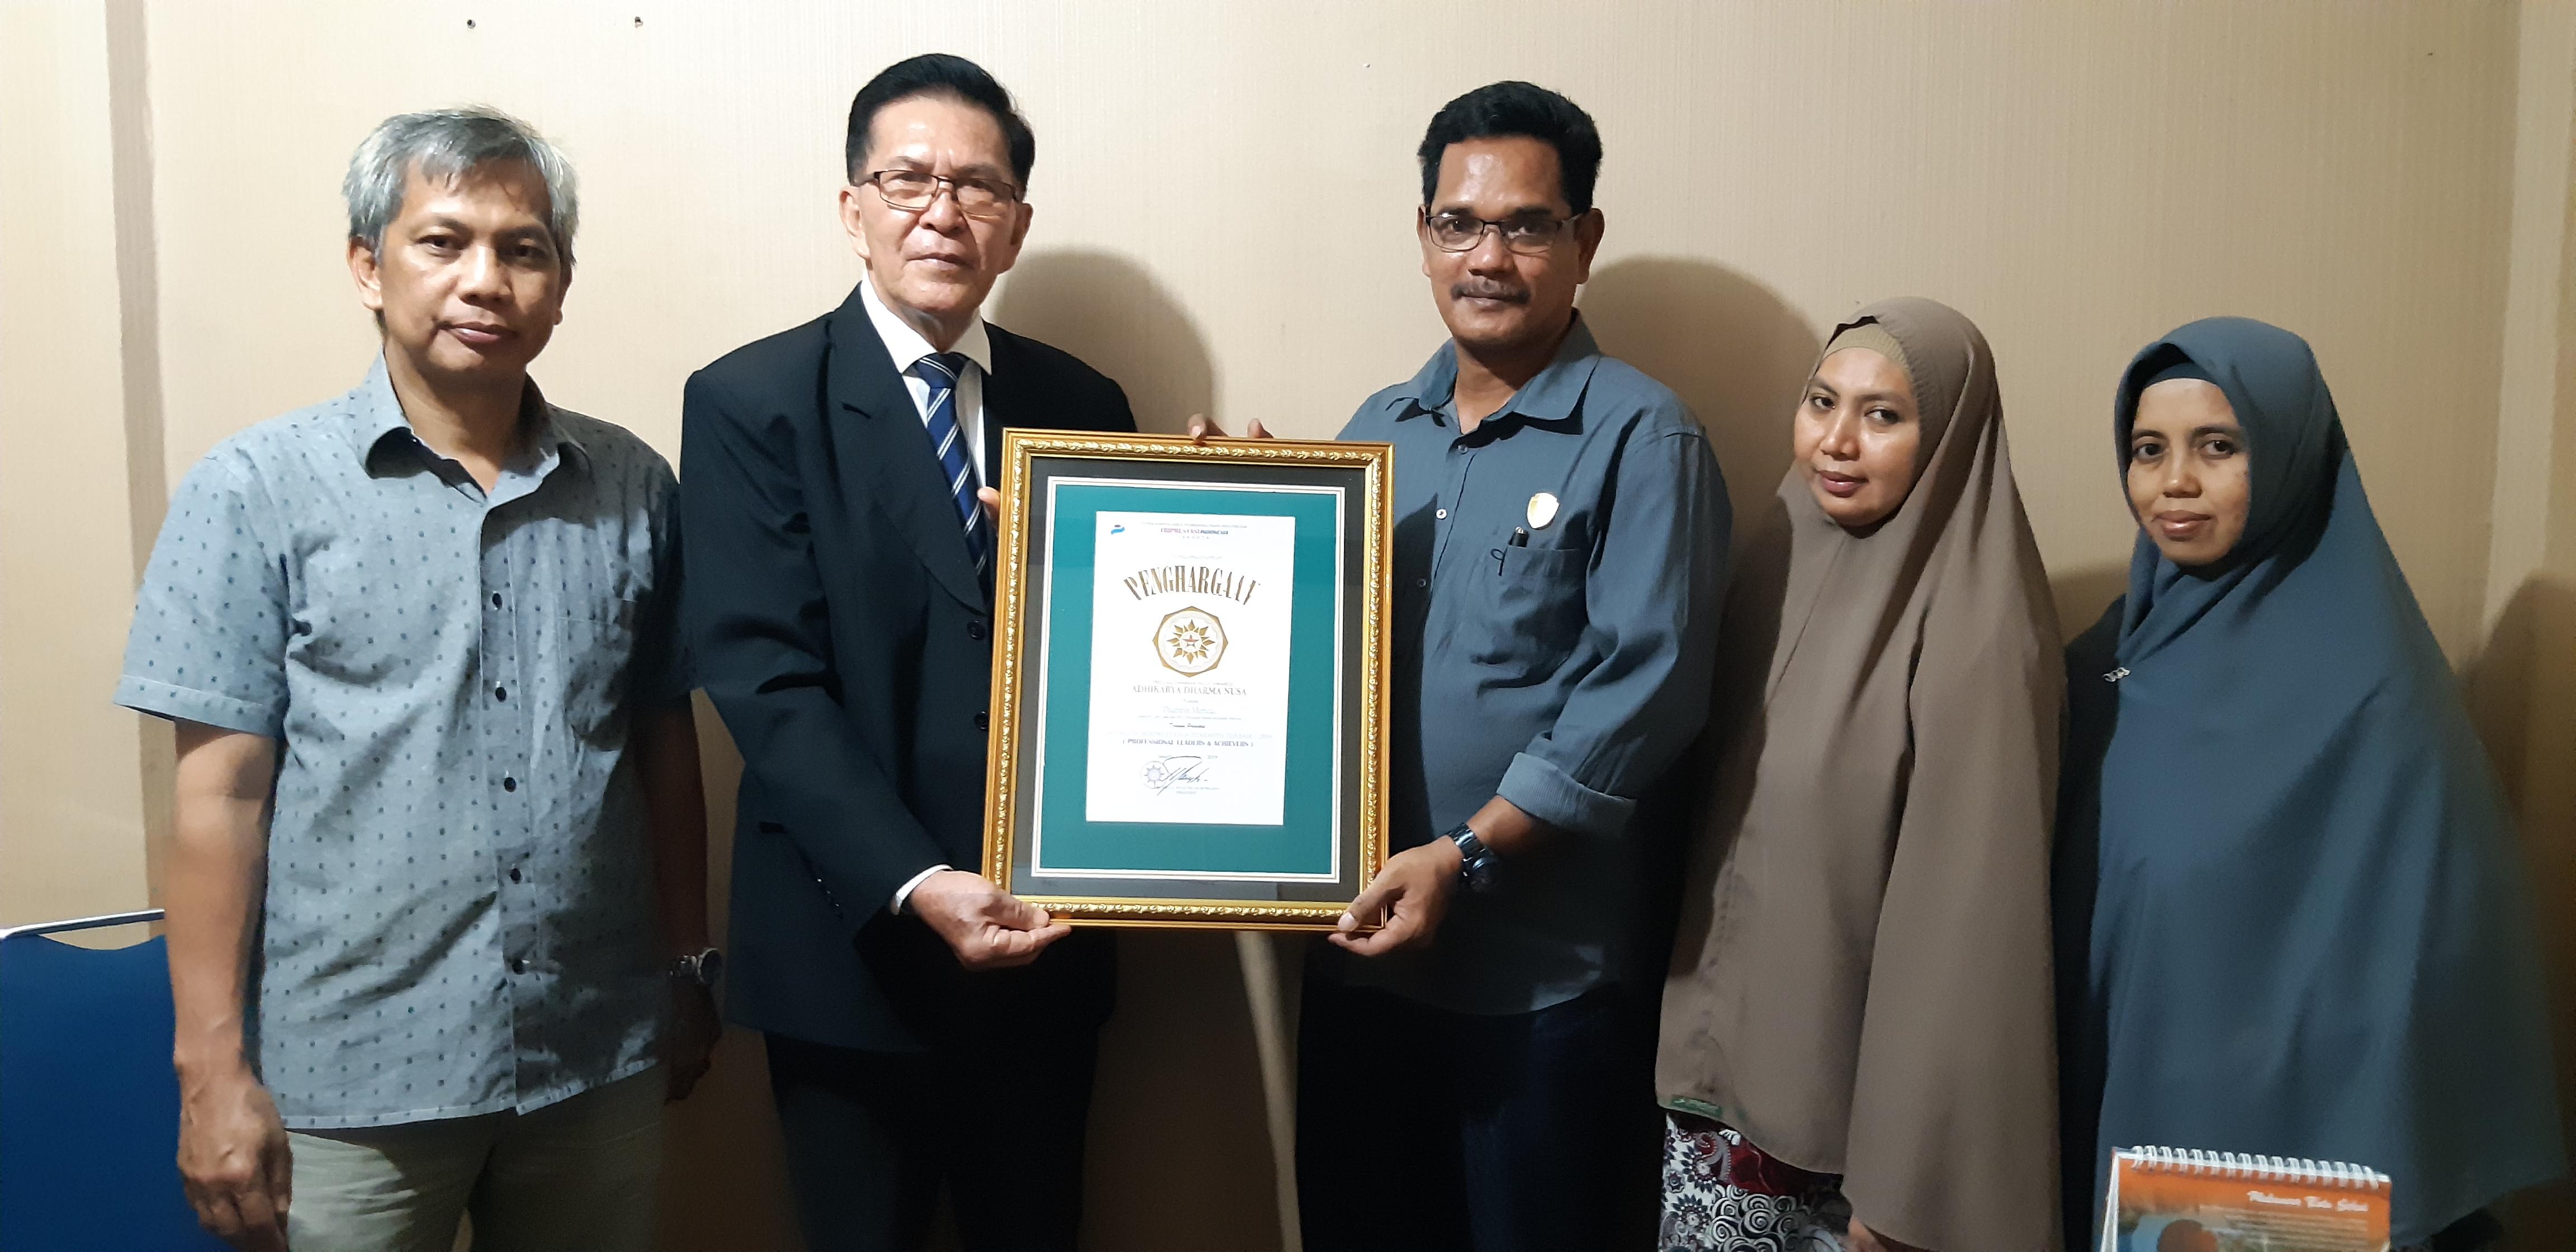 Dirum PD Pasar Makassar Raya Menerima Penghargaan Adhikarya Dharma Nusa